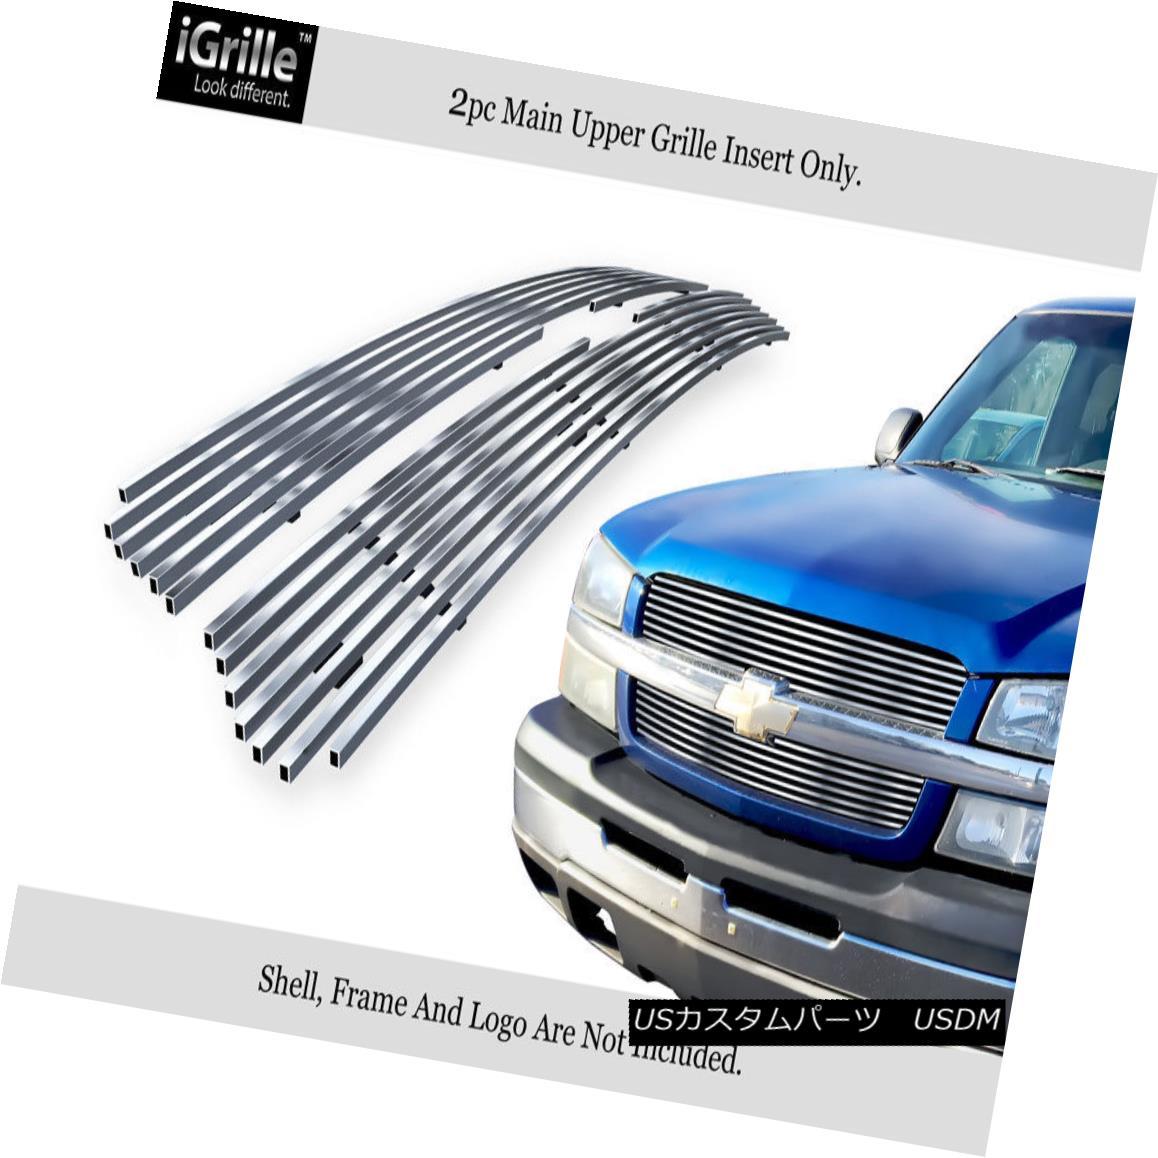 グリル Fits 2003-2005 Chevy Silverado 1500/ 2003-2004 2500 Stainless Billet Grille 2003-2005年に合うChevy Silverado 1500 / 2003-2004 2500ステンレスビレットグリル